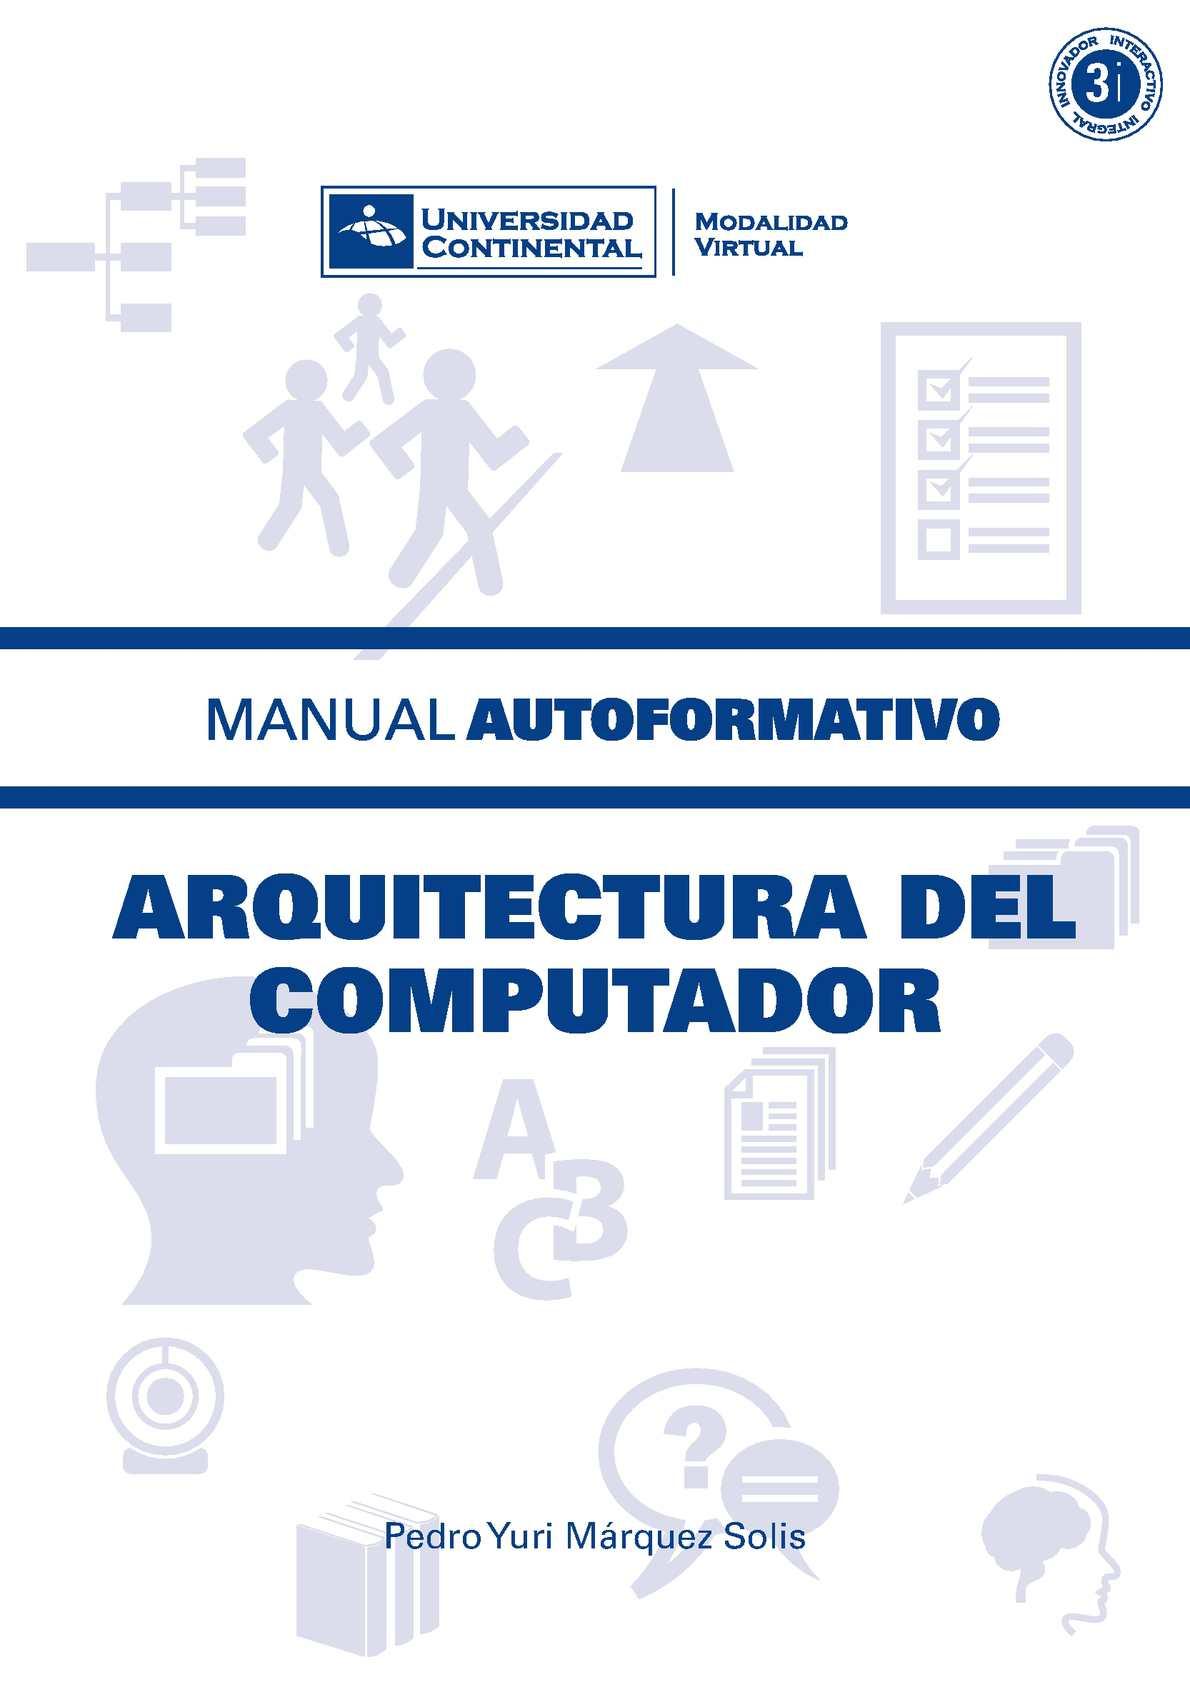 A0028 Arquitectura Del Computador MAU01